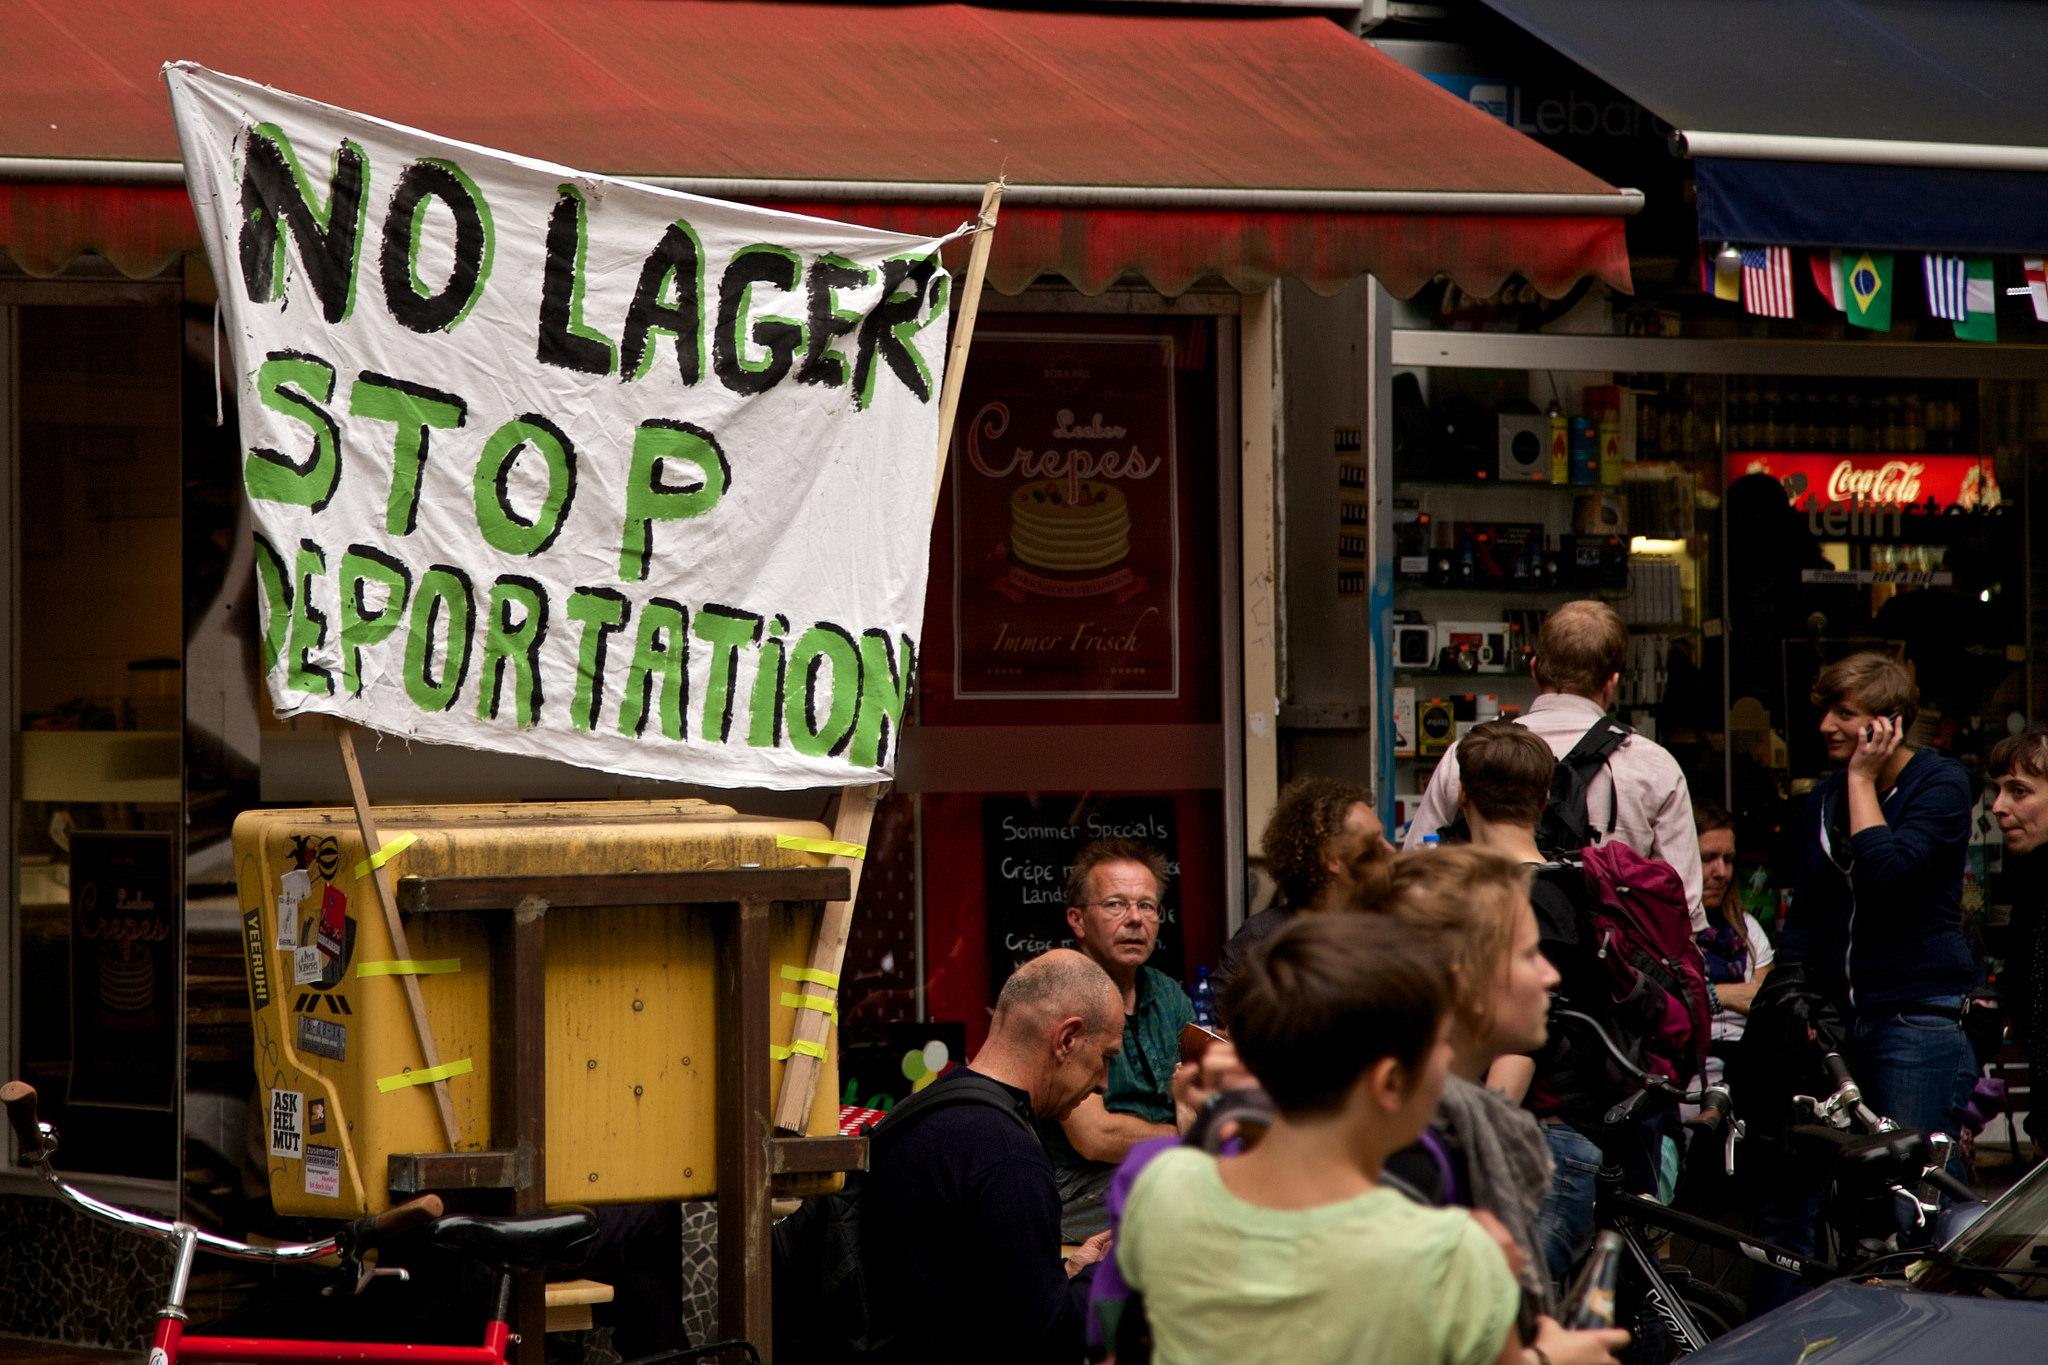 Des manifestants dénoncent les déportations d'immigrants illégaux à Berlin, Allemagne. Juin 2014 [Markus Winkler/Flickr]